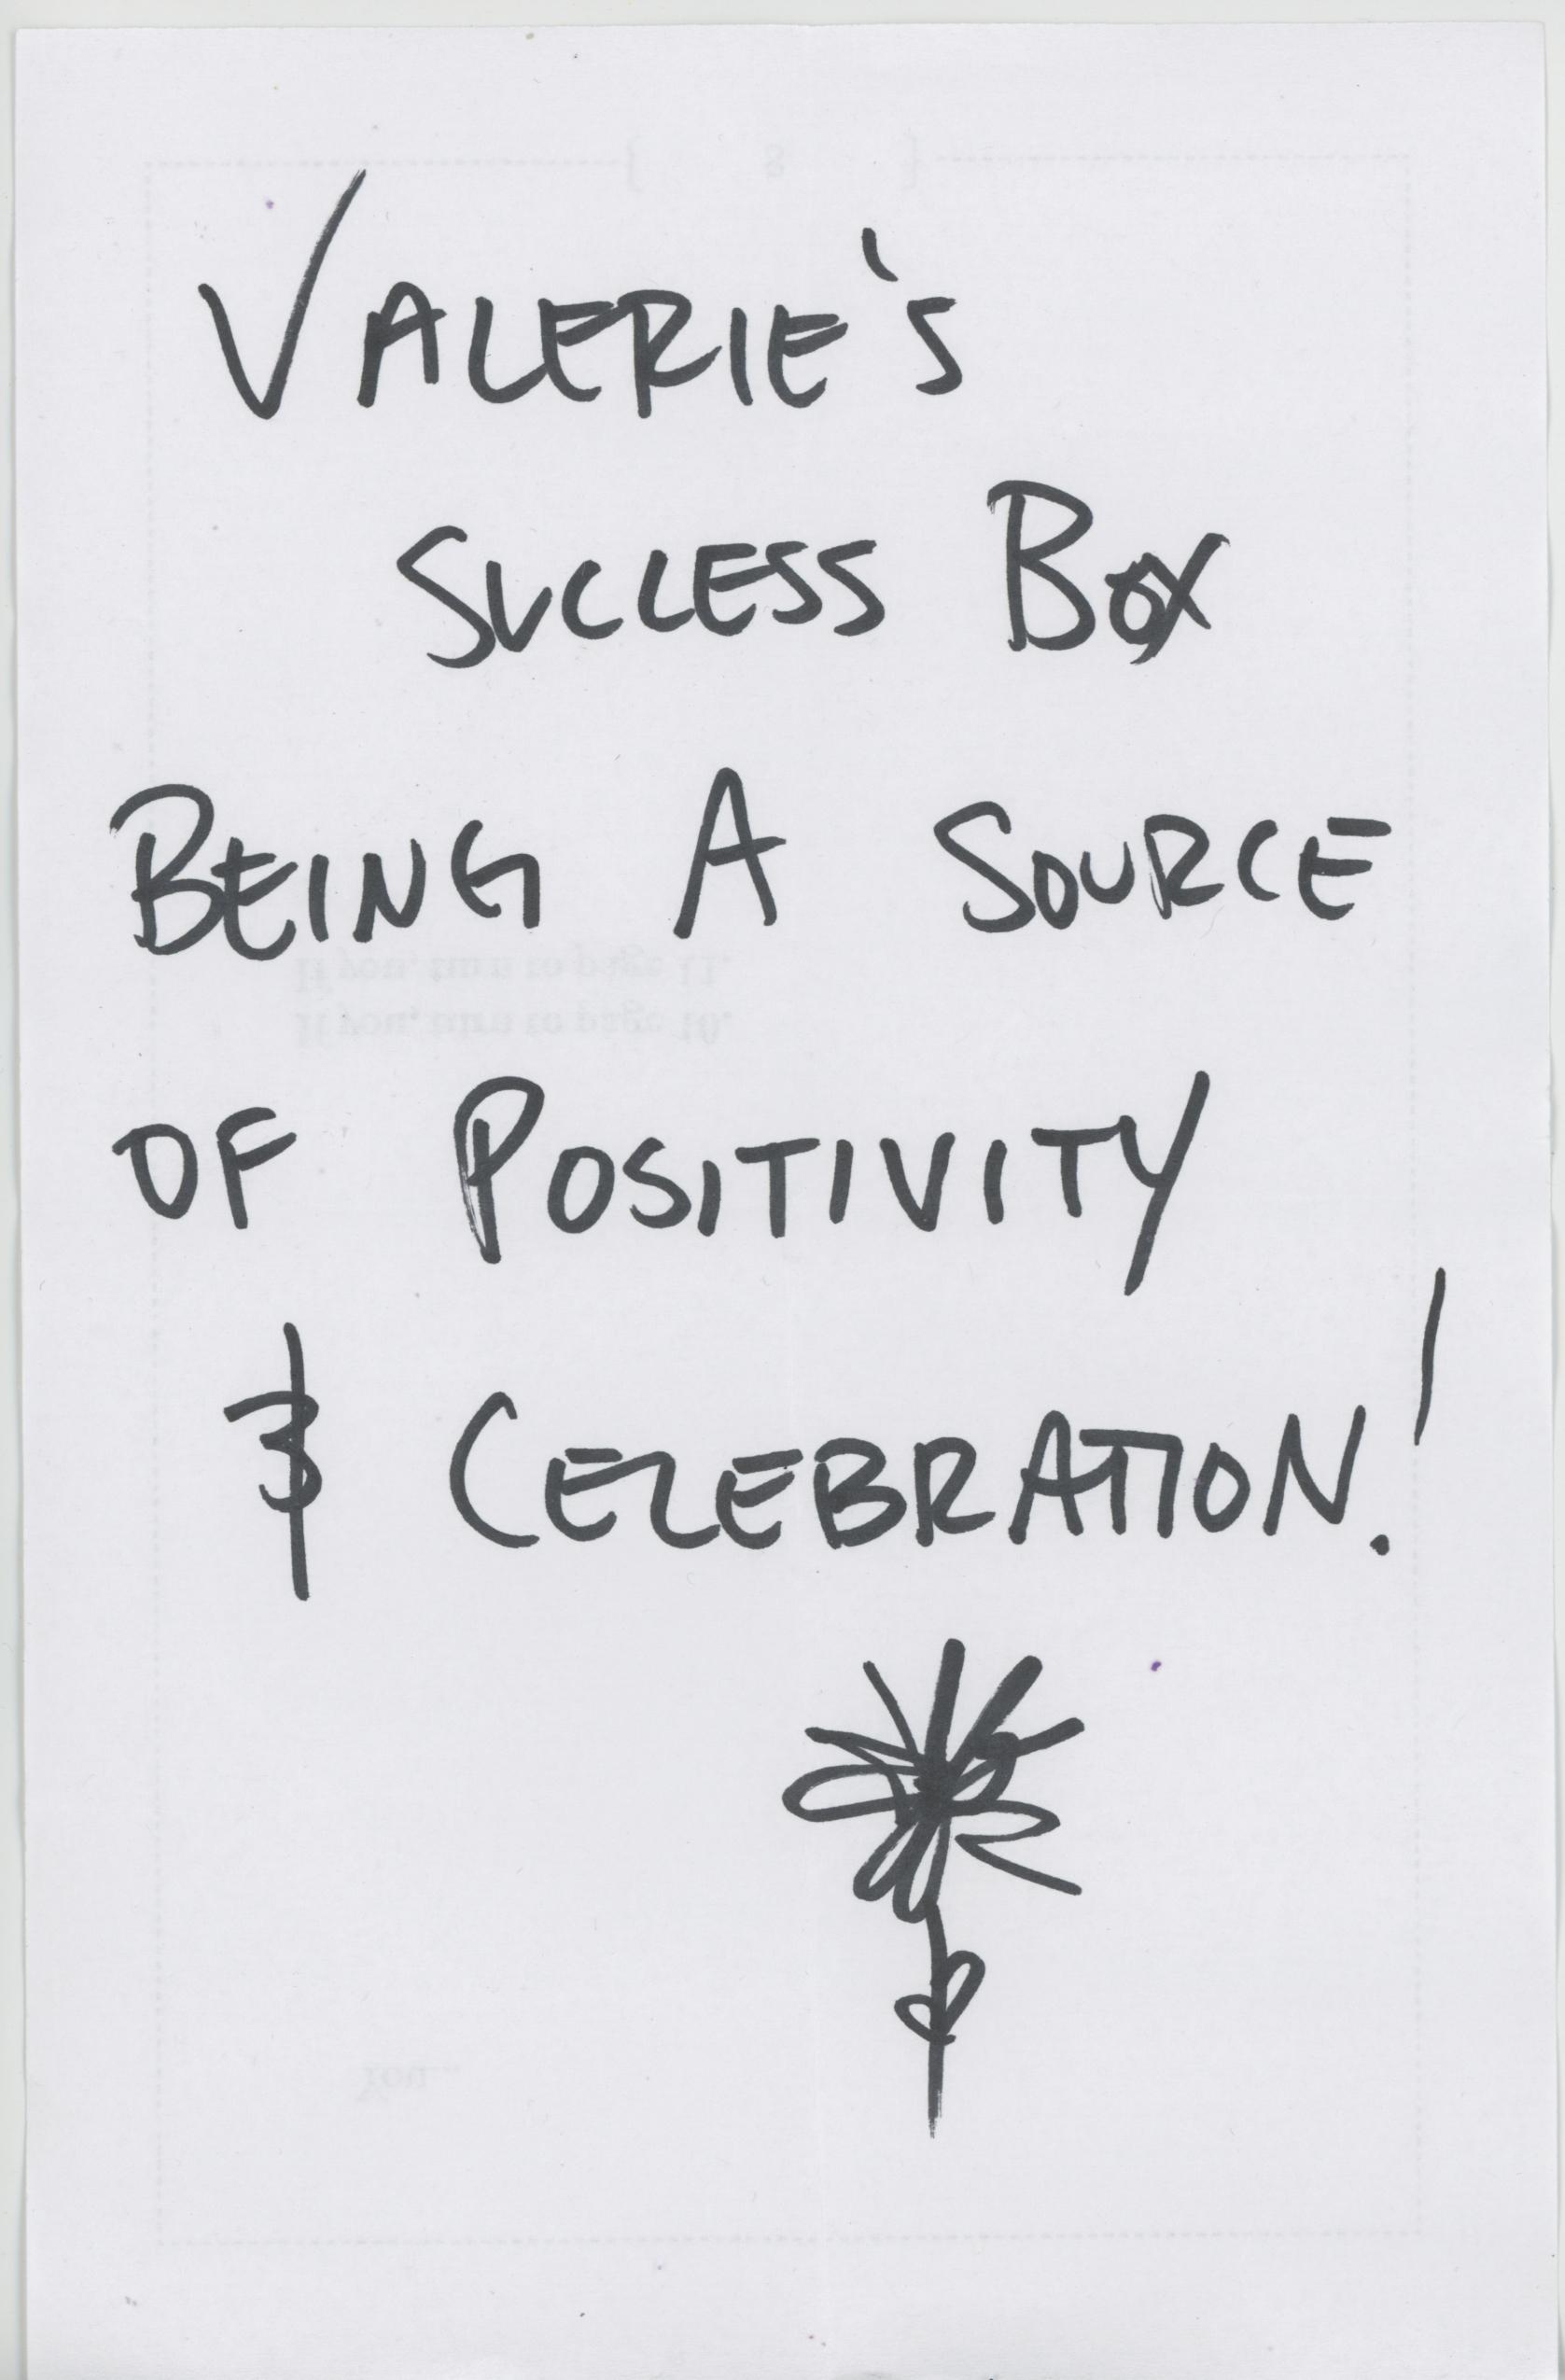 SuccessBox 1.jpg